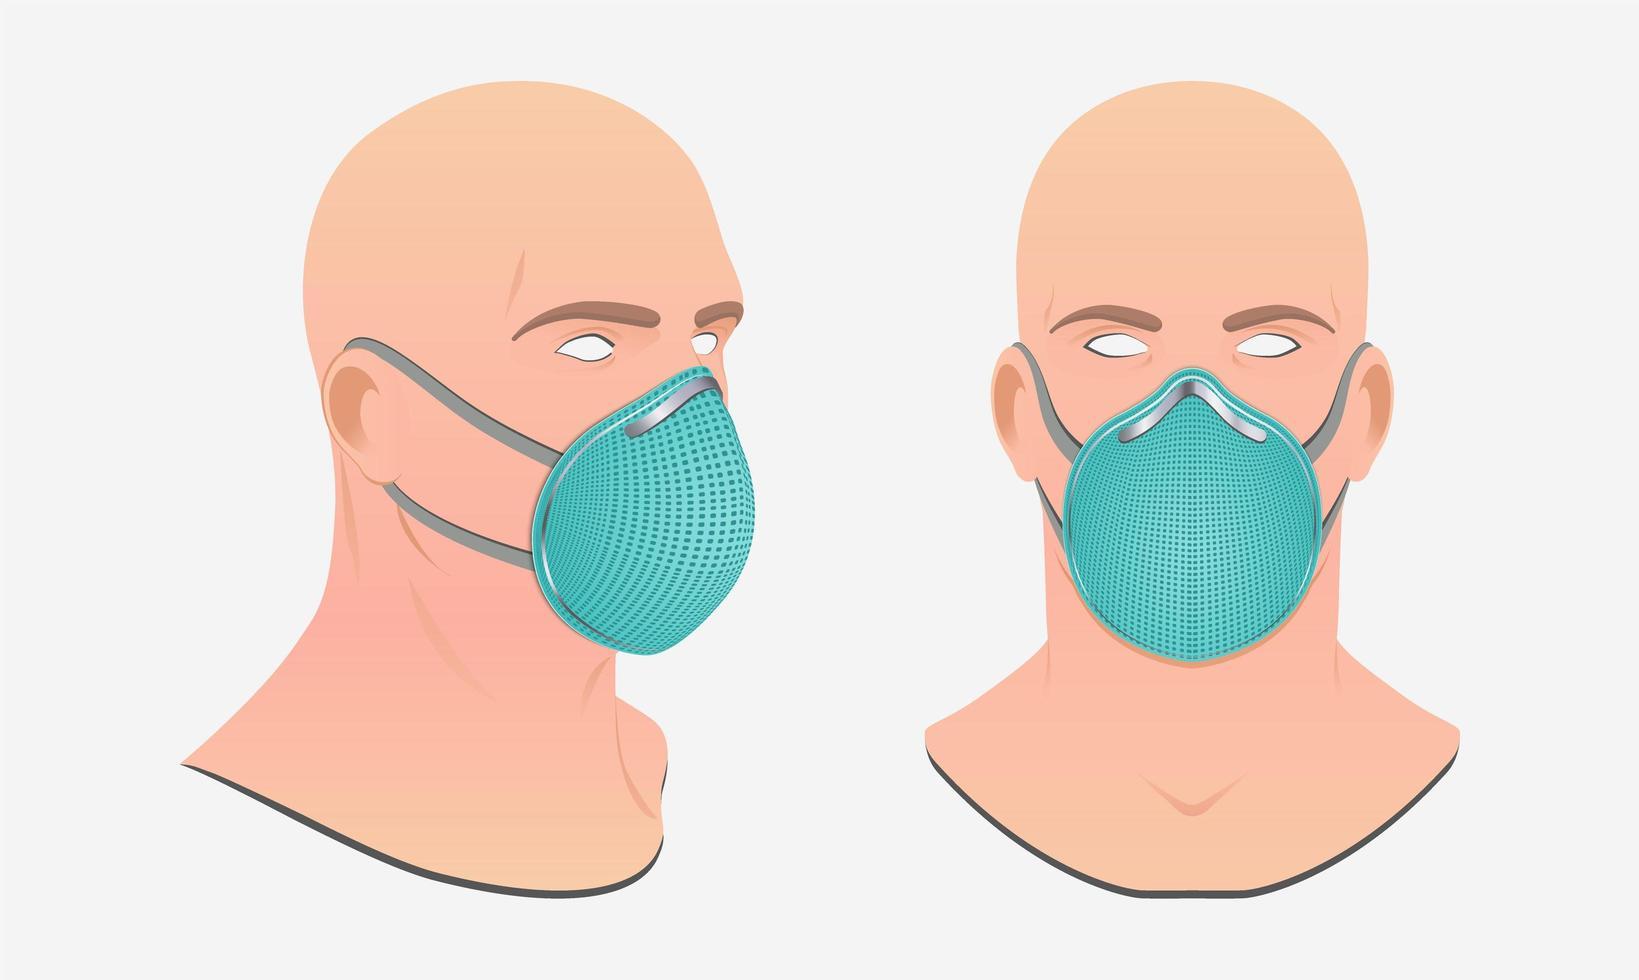 persoon die chirurgisch masker draagt vector